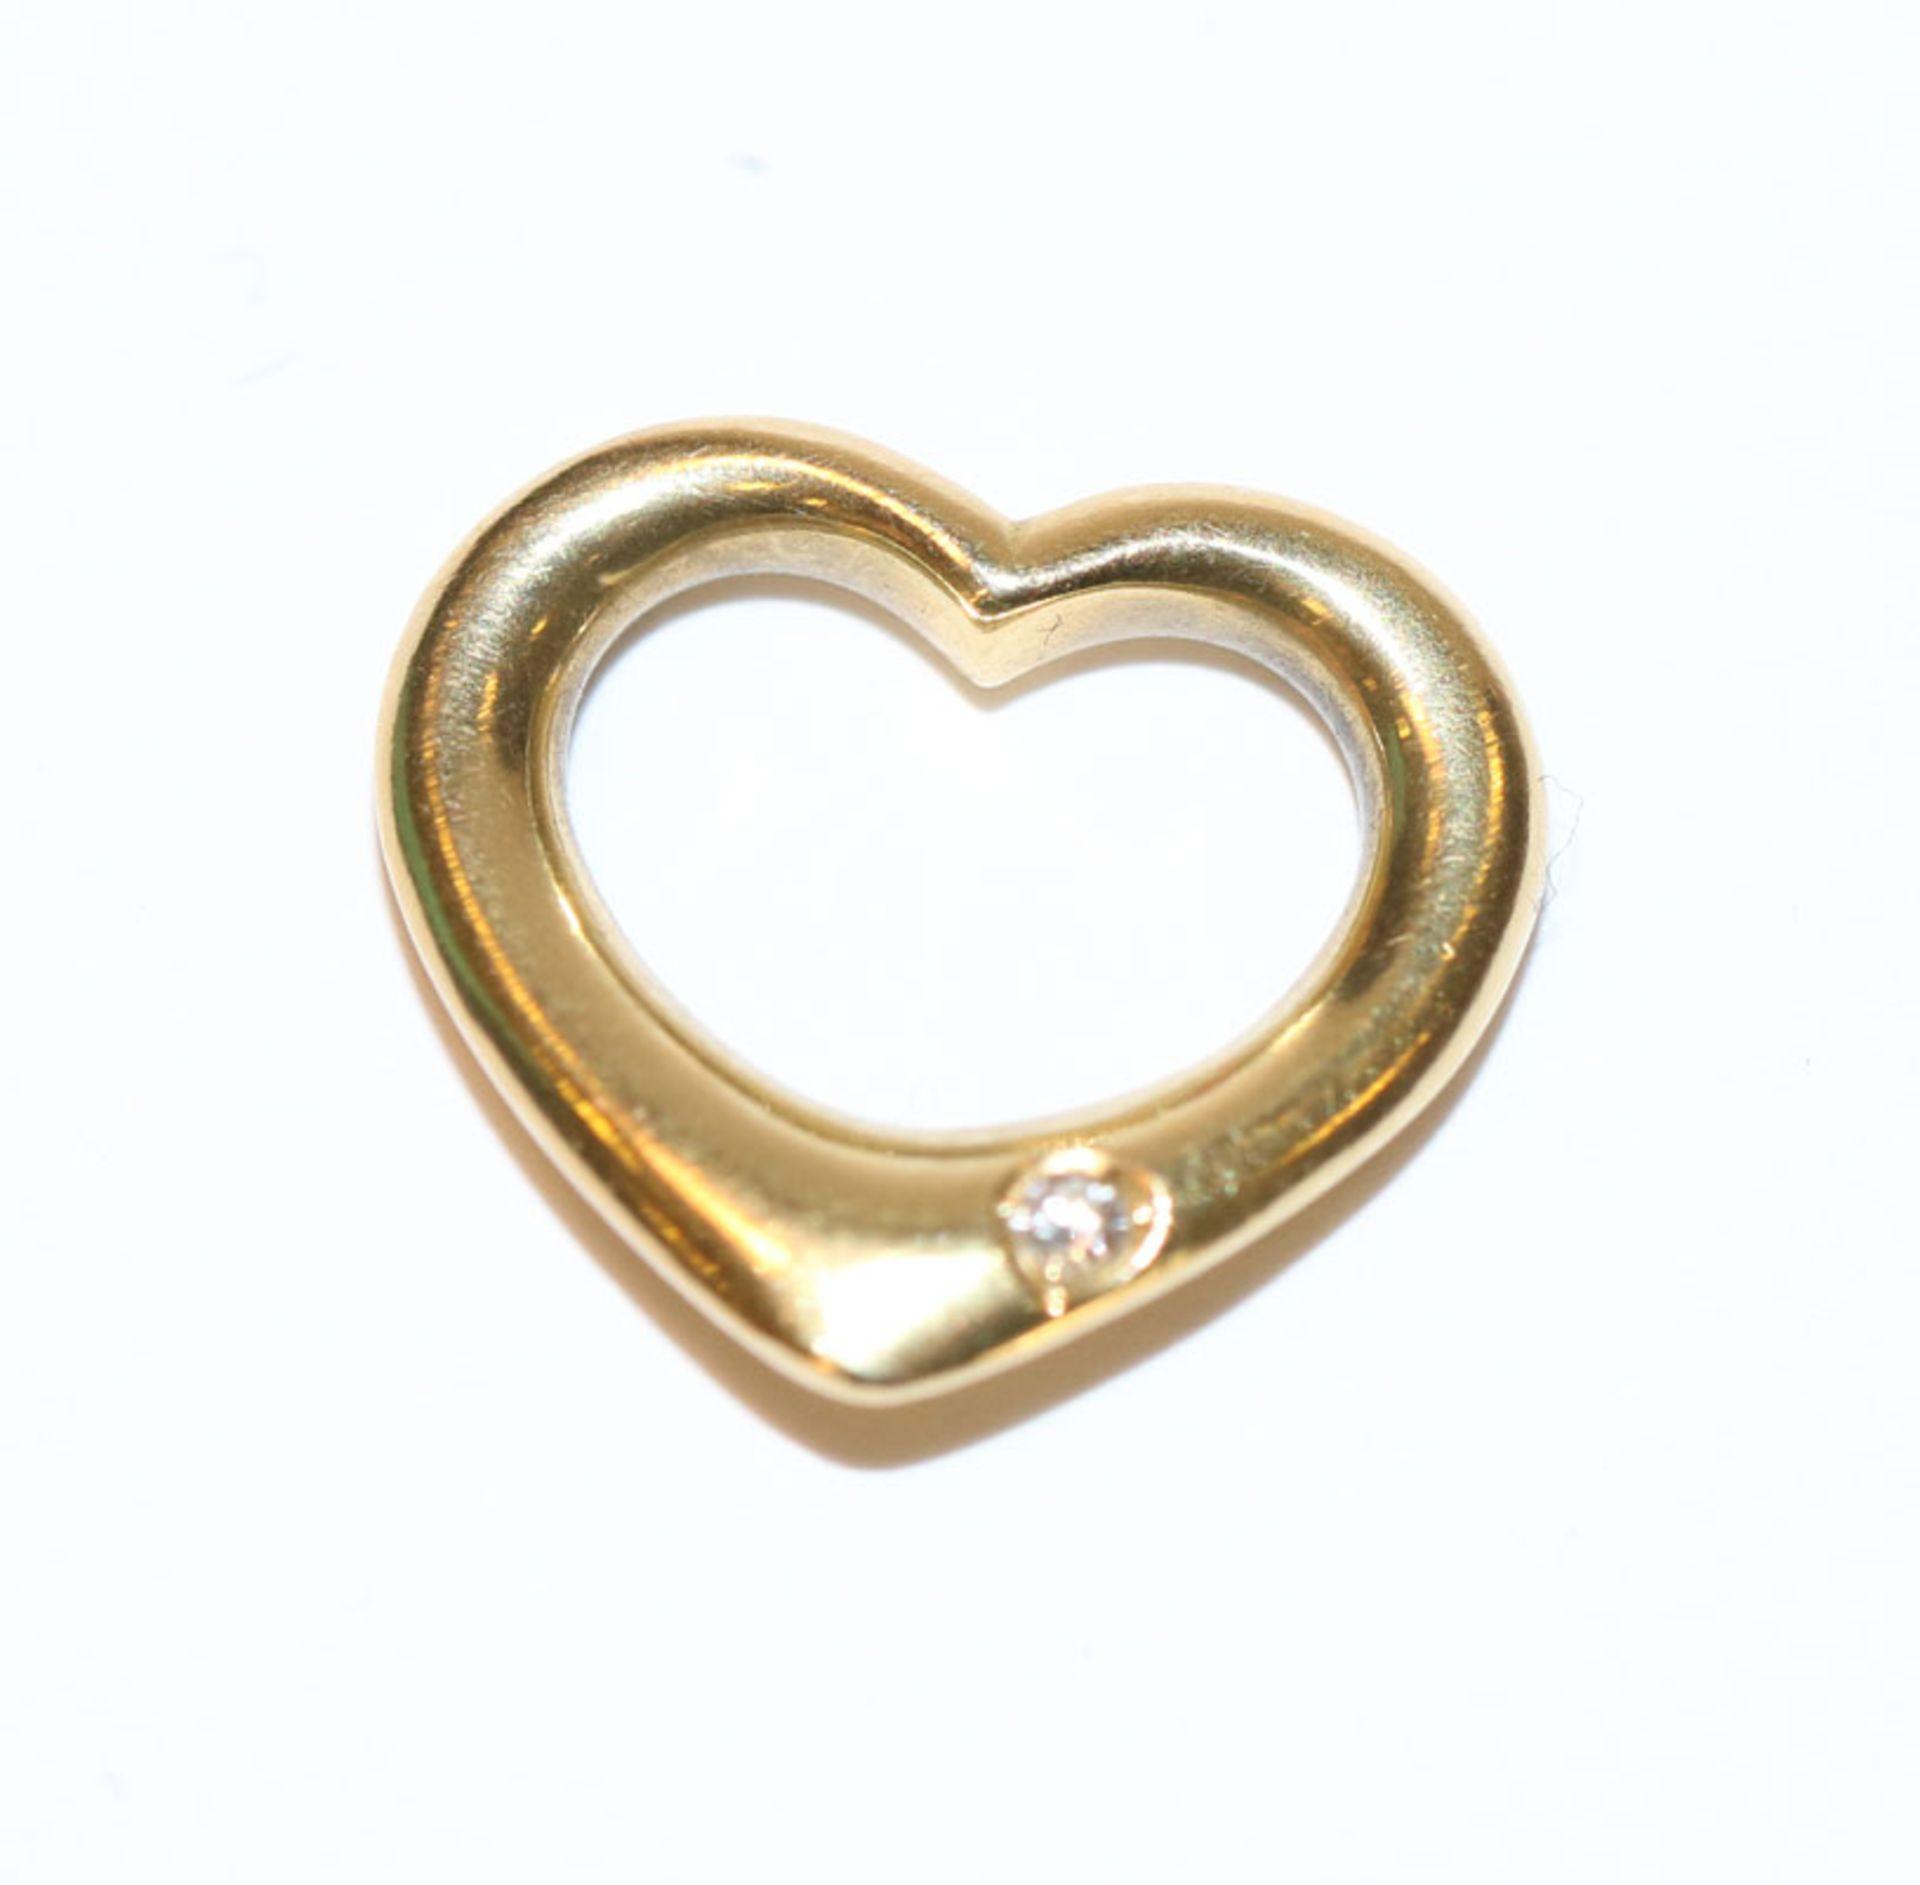 18 k Gelbgold Herz-Einhänger mit kleinem Diamant, 3 gr., H 1,5 cm